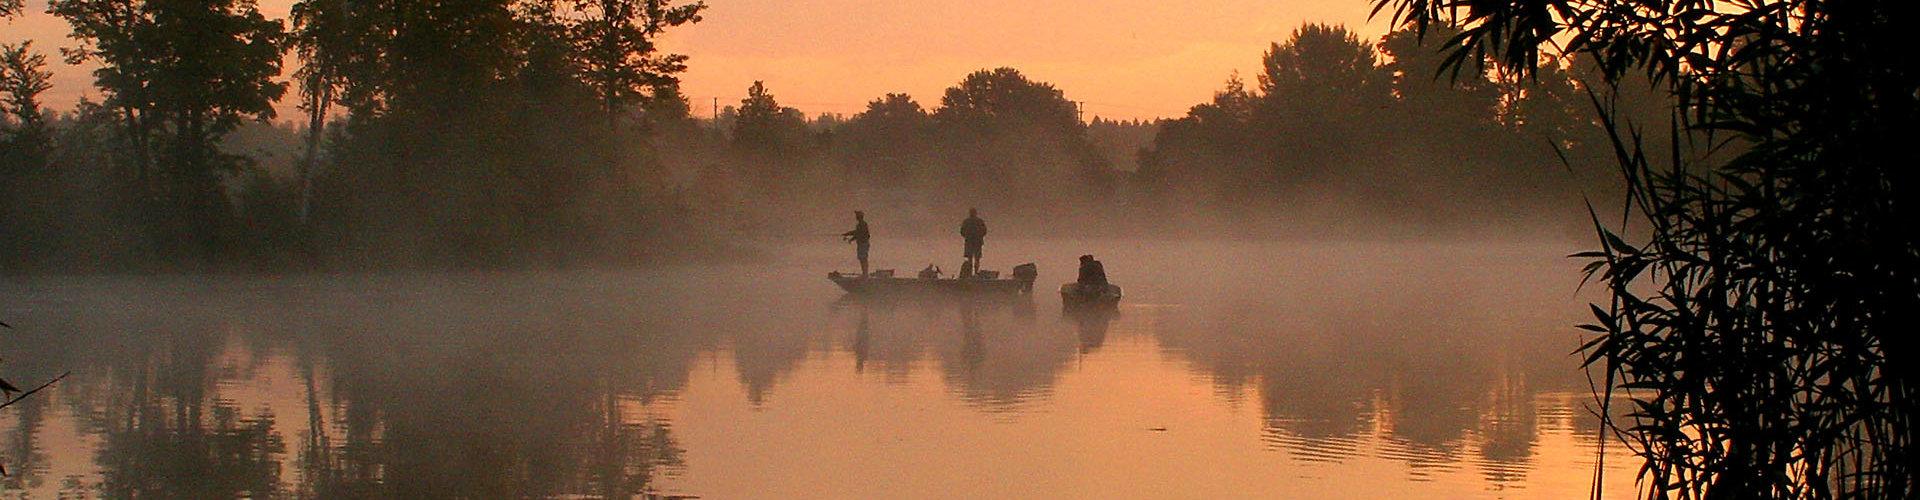 Fishing by lake